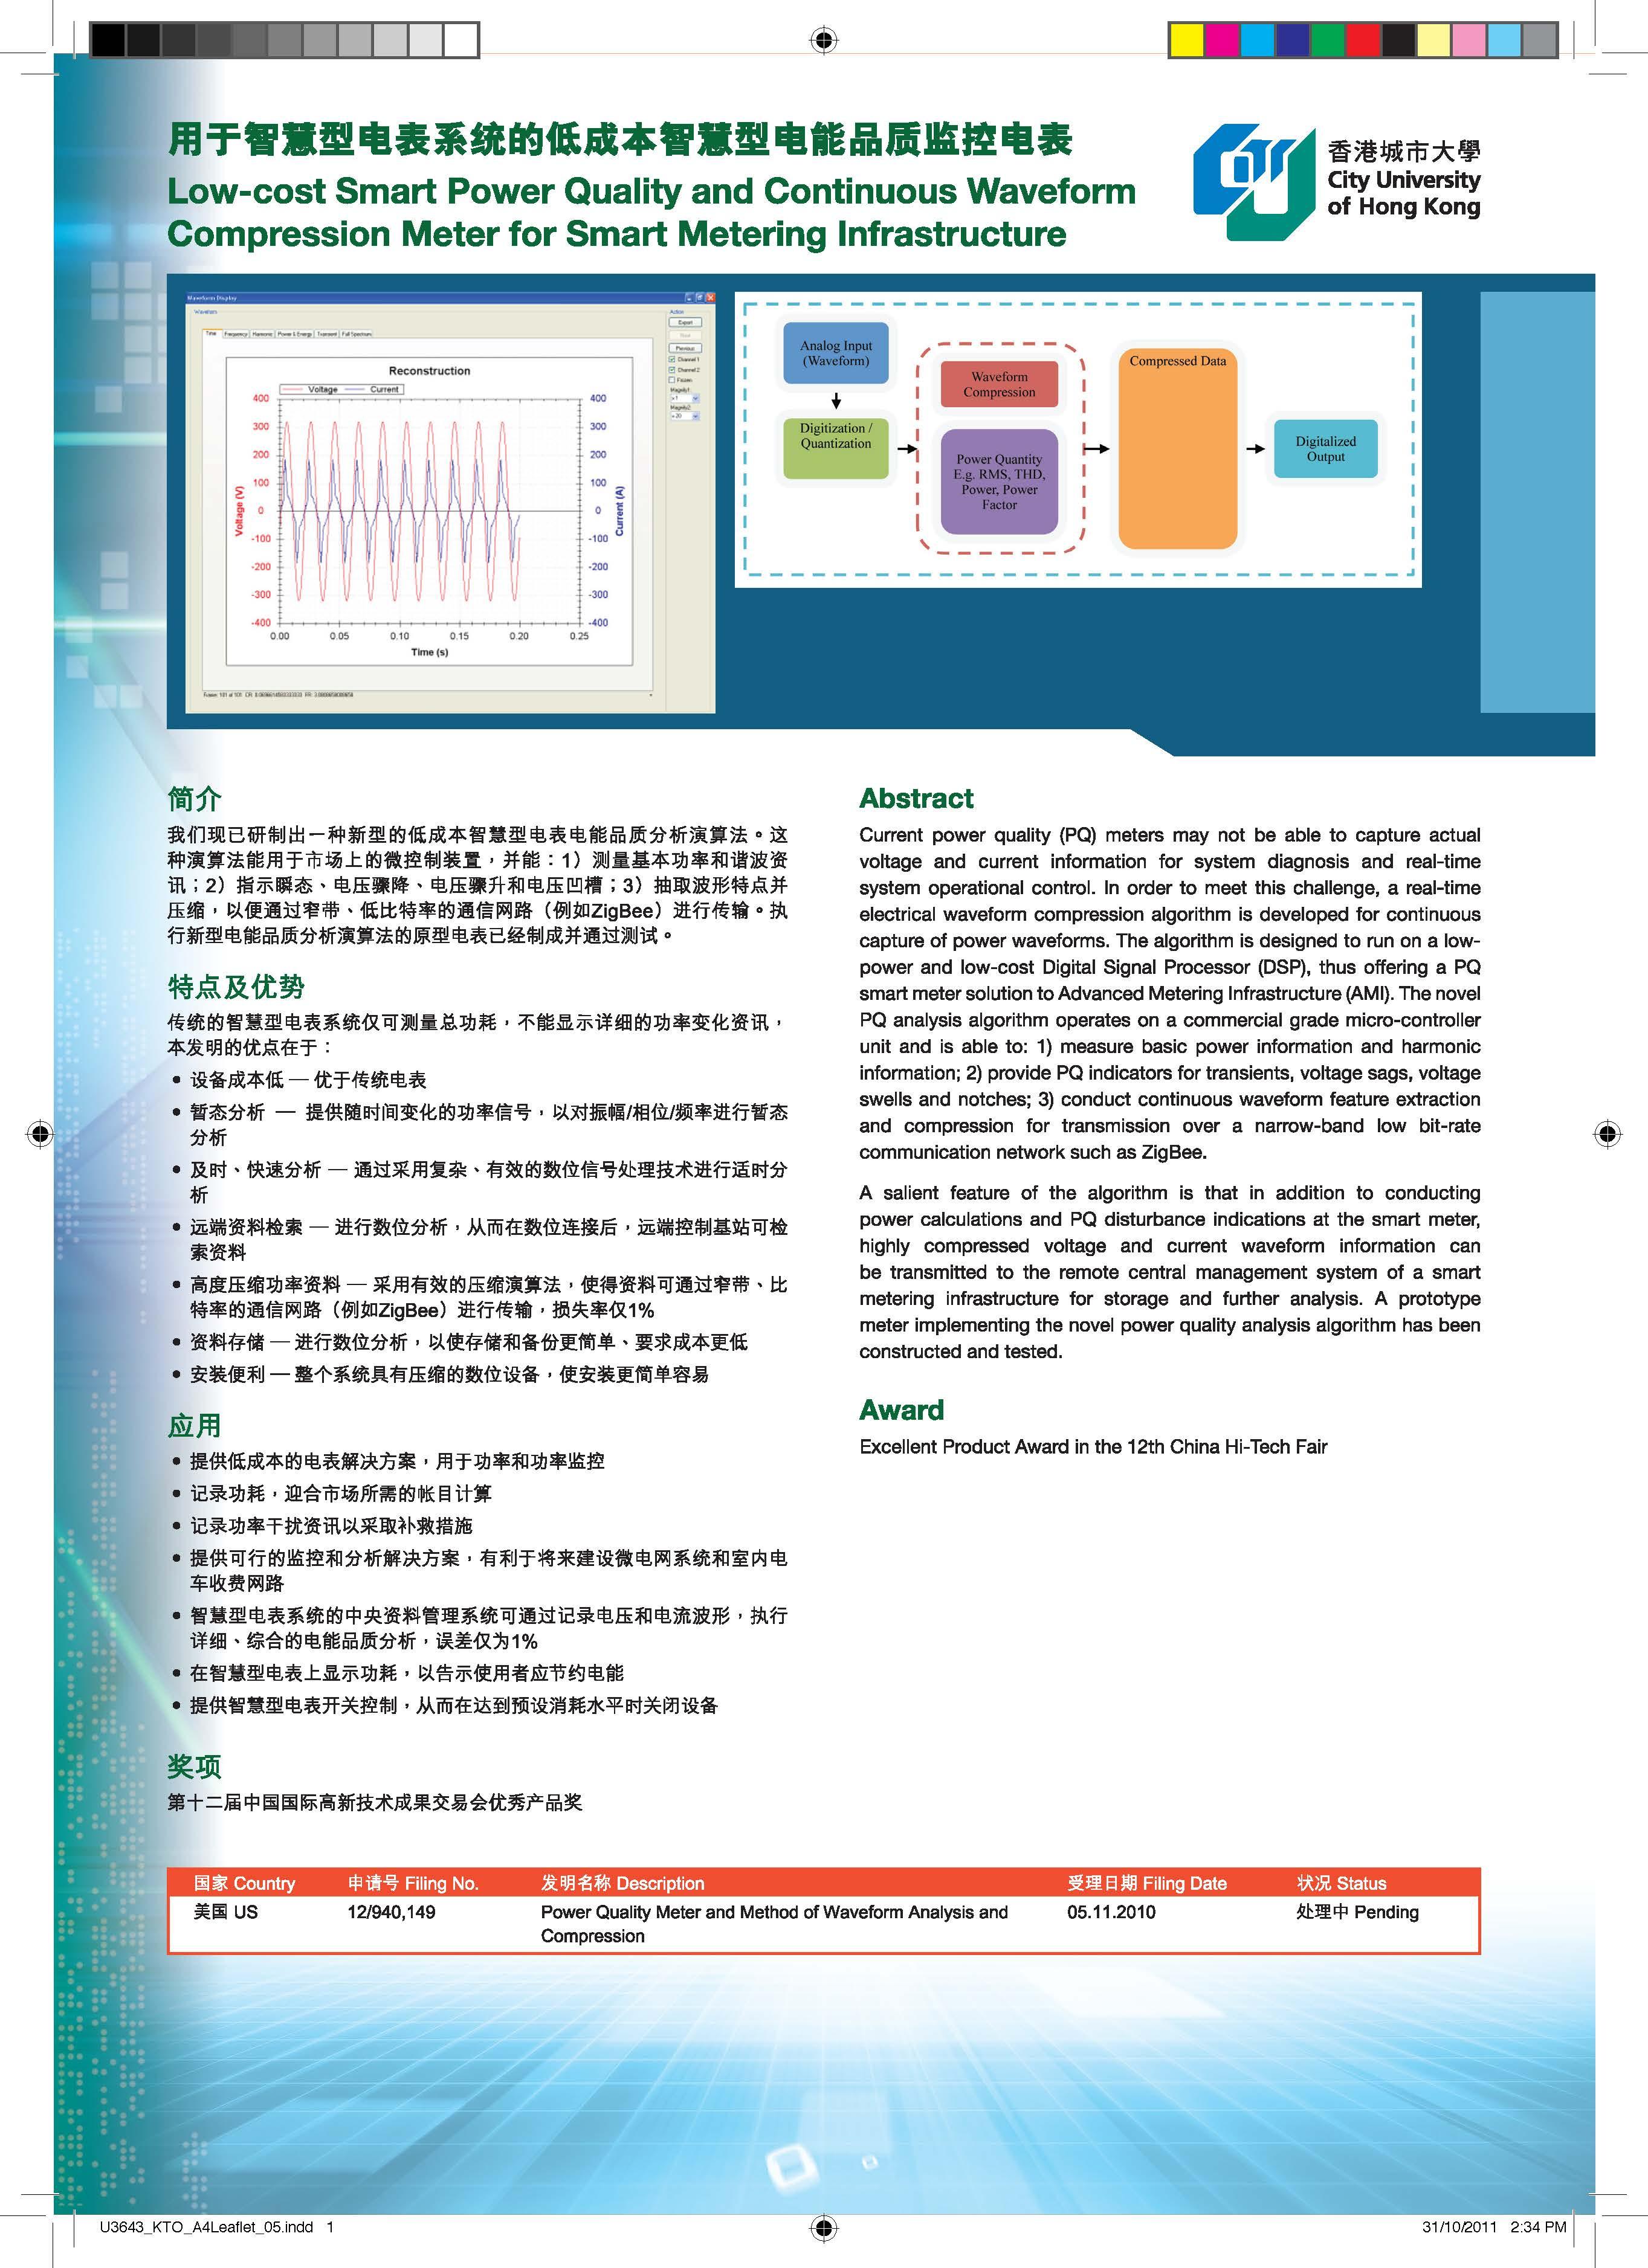 用于智慧型电表系统的低成本智慧型电能品质监控电表.jpg